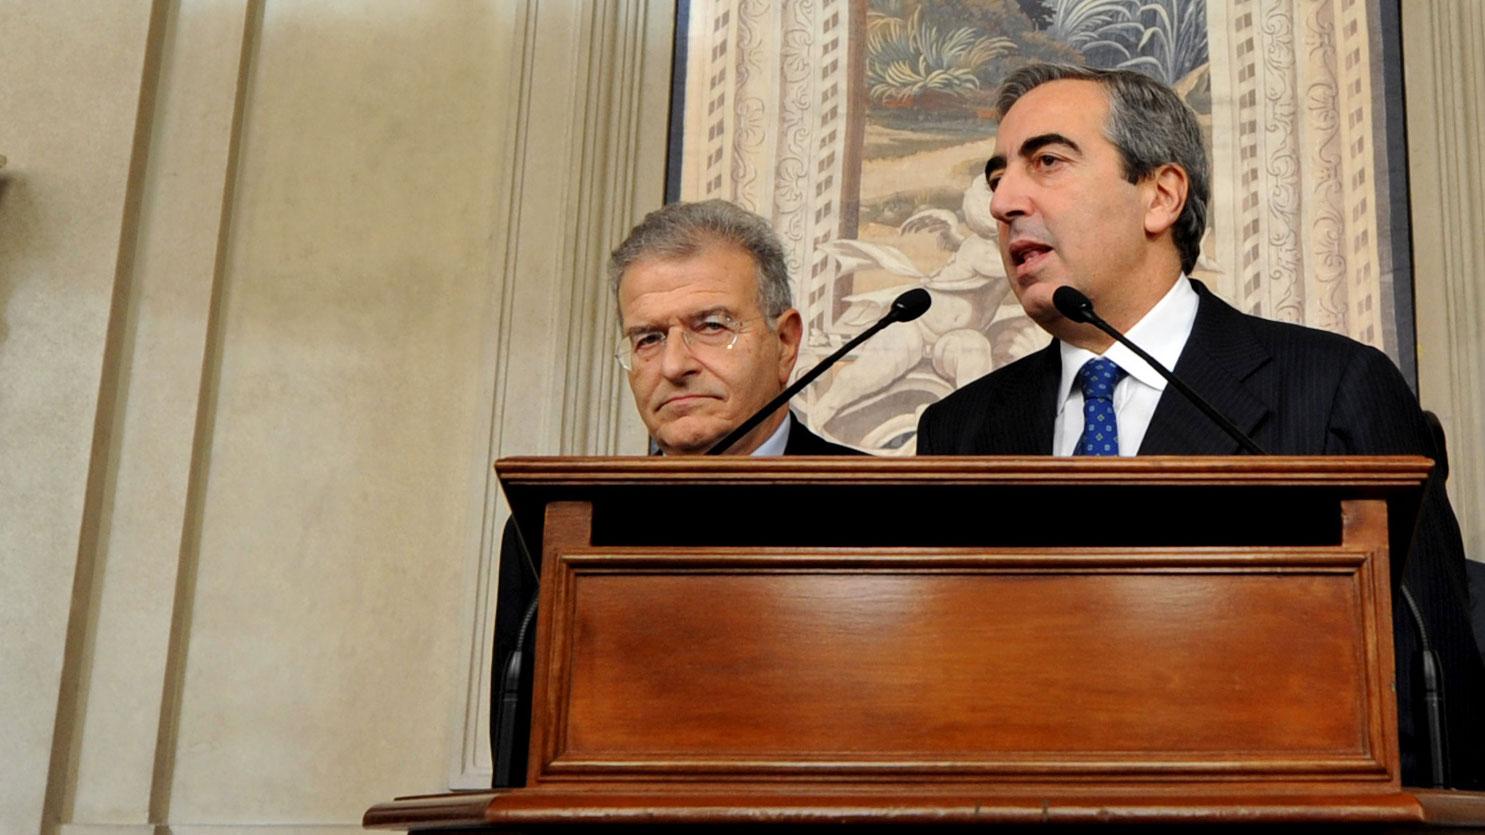 意大利参议院议员、前通信部长毛里齐奥・加斯帕里(Maurizio Gasparri)。(美联社)